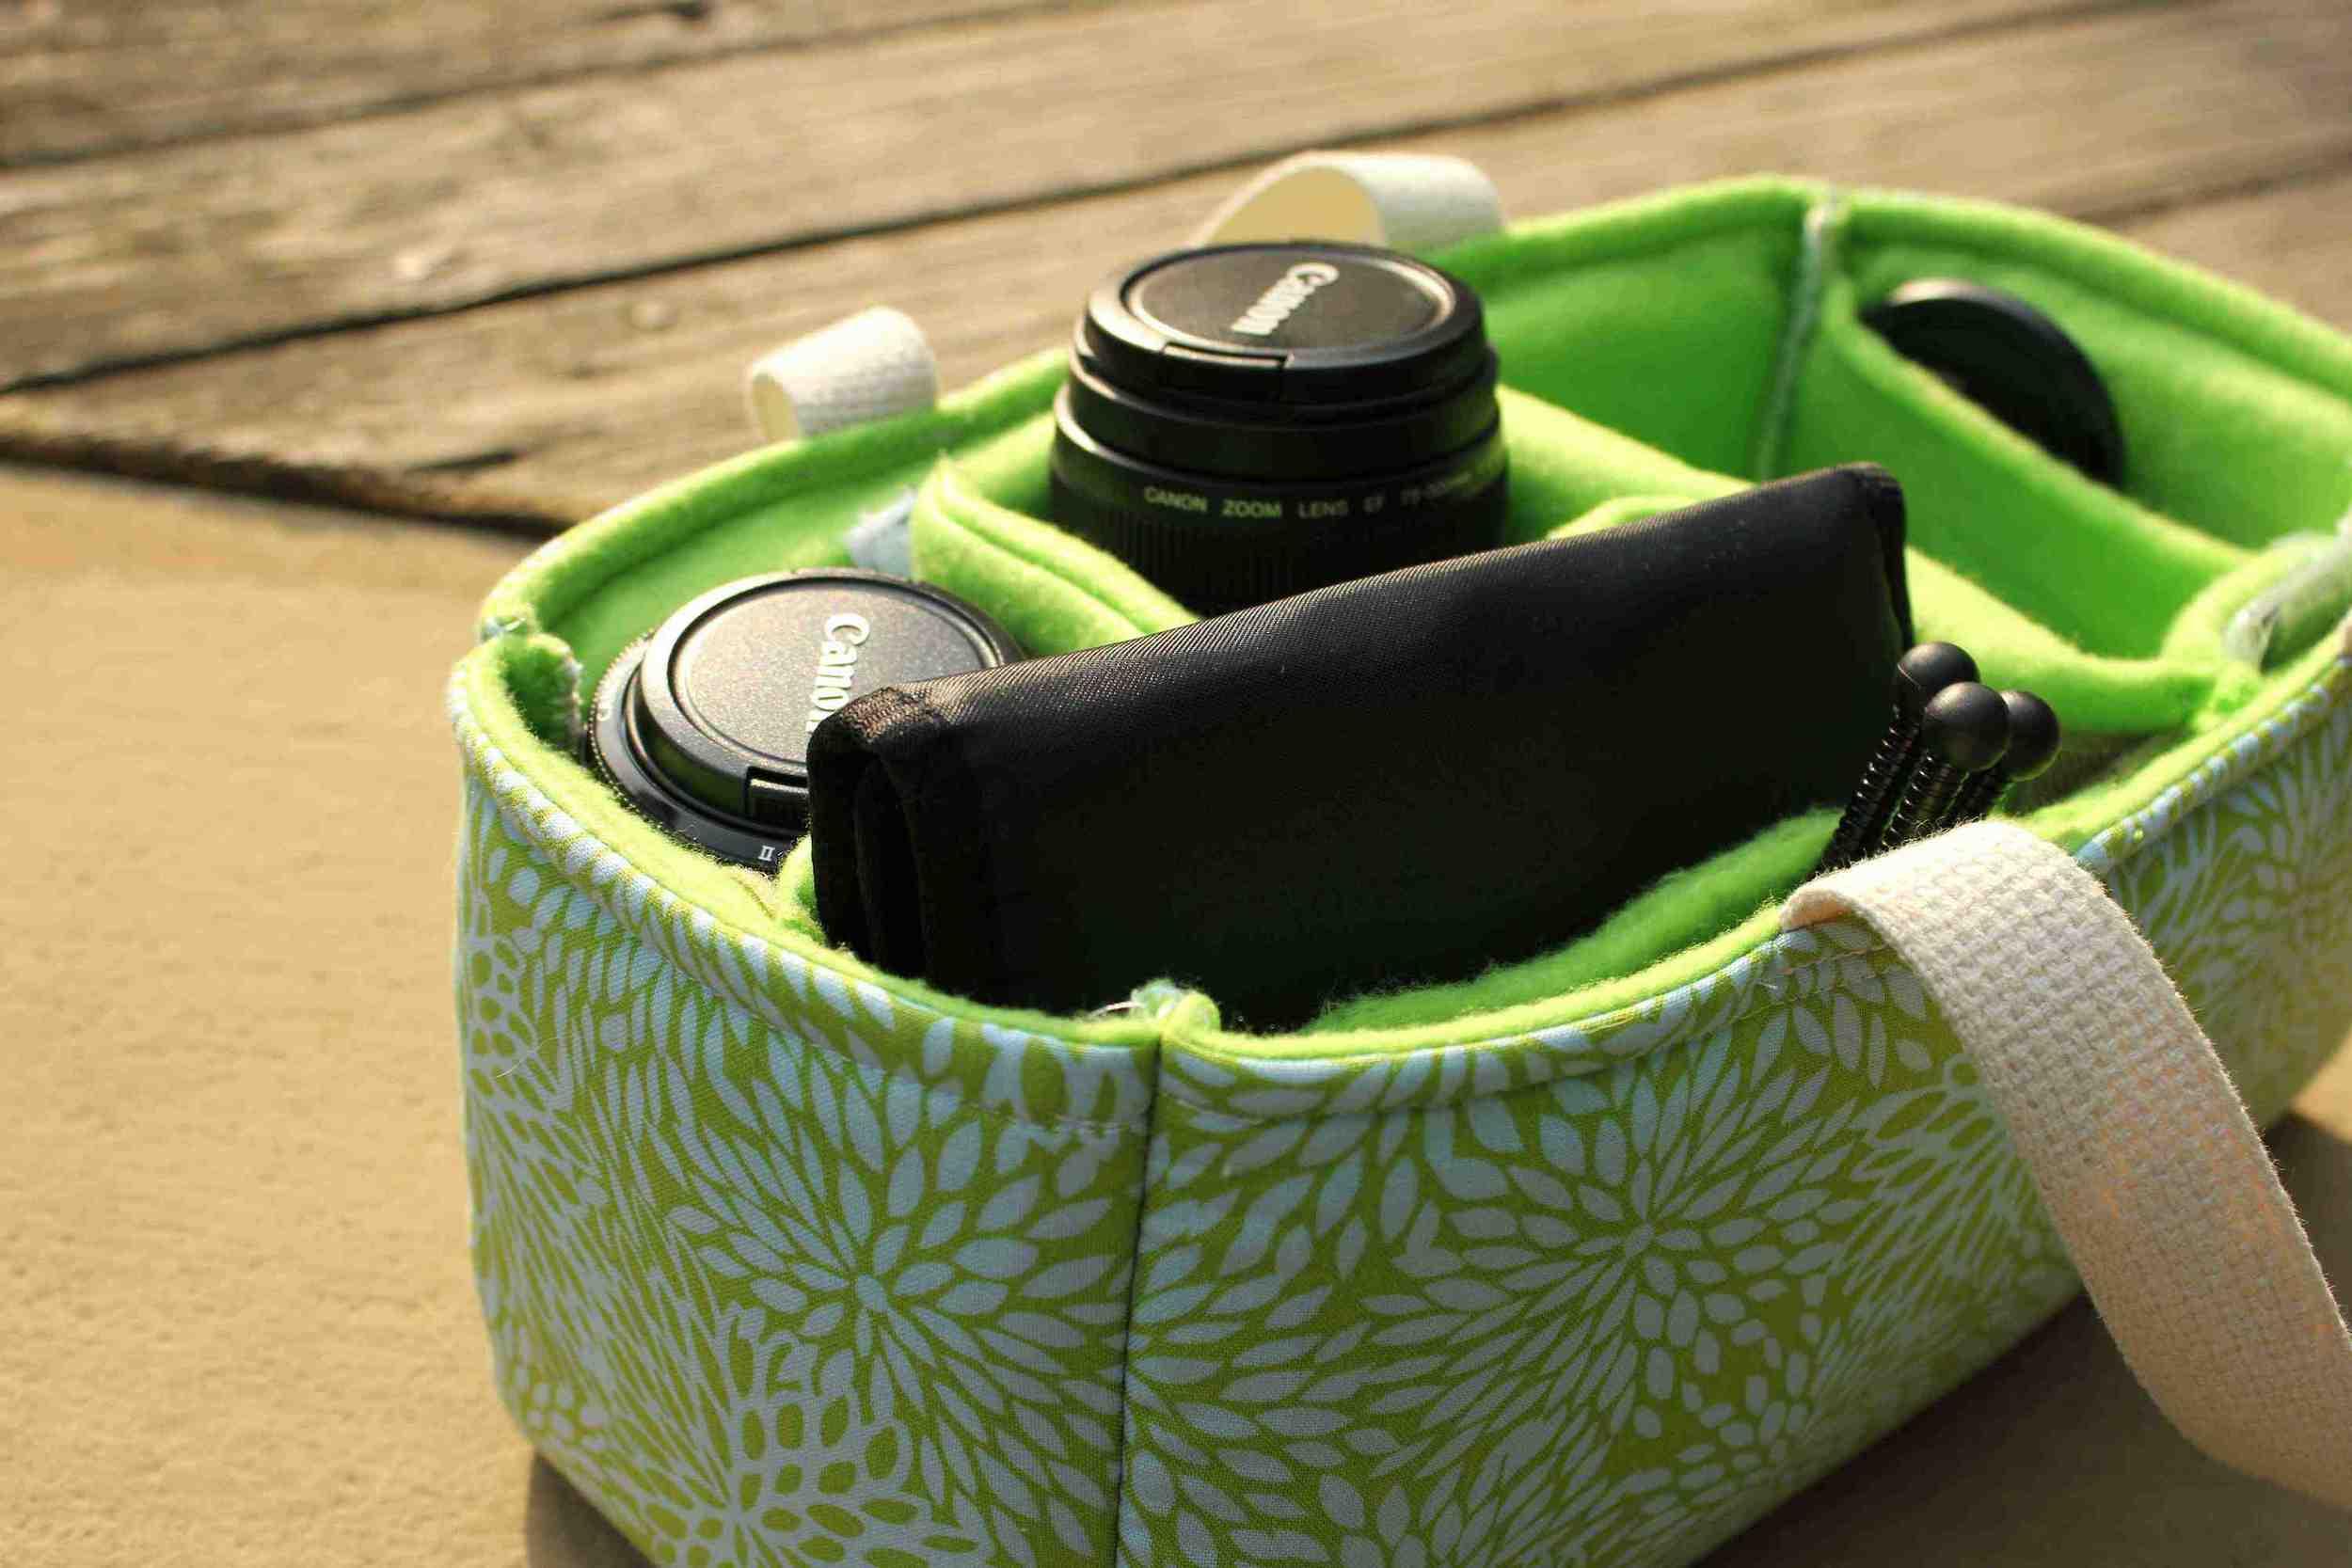 dslr camera bag   fabric, foam & felt